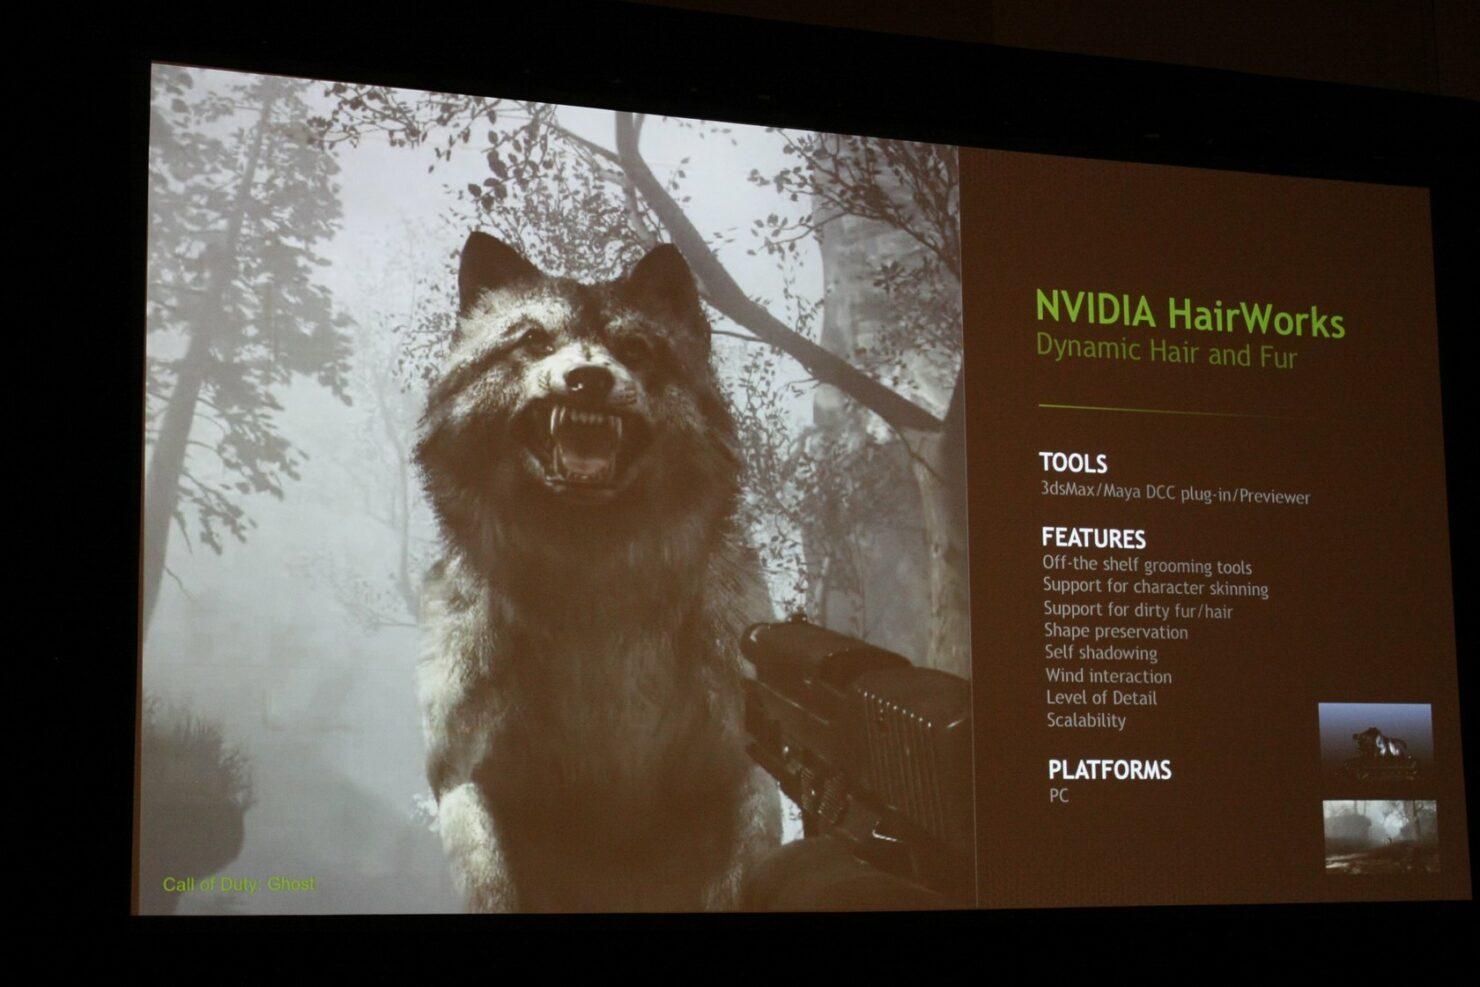 nvidia-hairworks-sdk